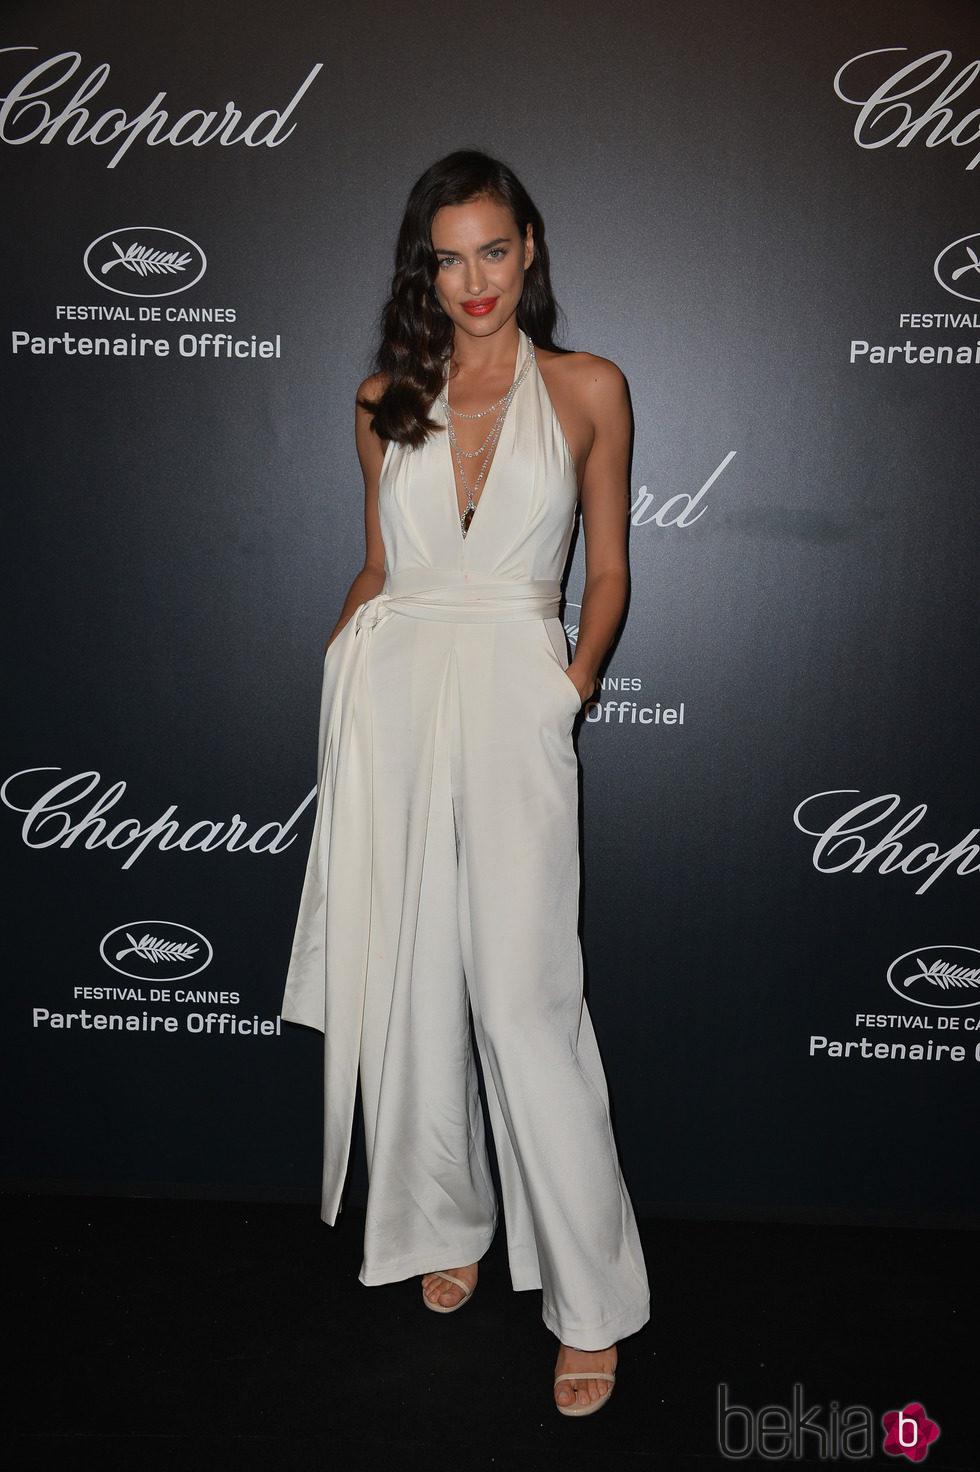 Irina Shayk en la fiesta Chopard ofrecida por el Festival de Cannes 2015